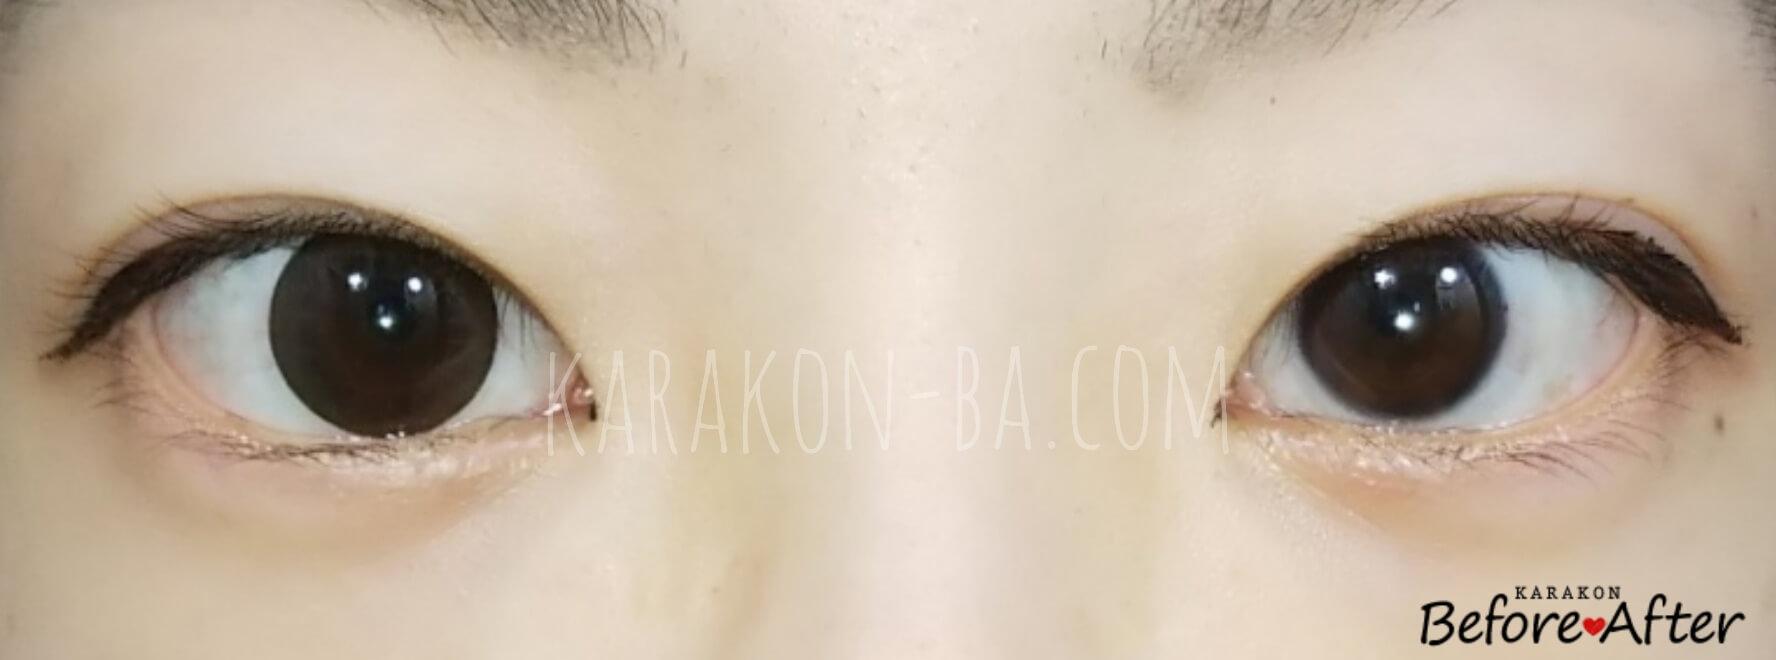 ショコラのカラコン装着画像/裸眼と比較